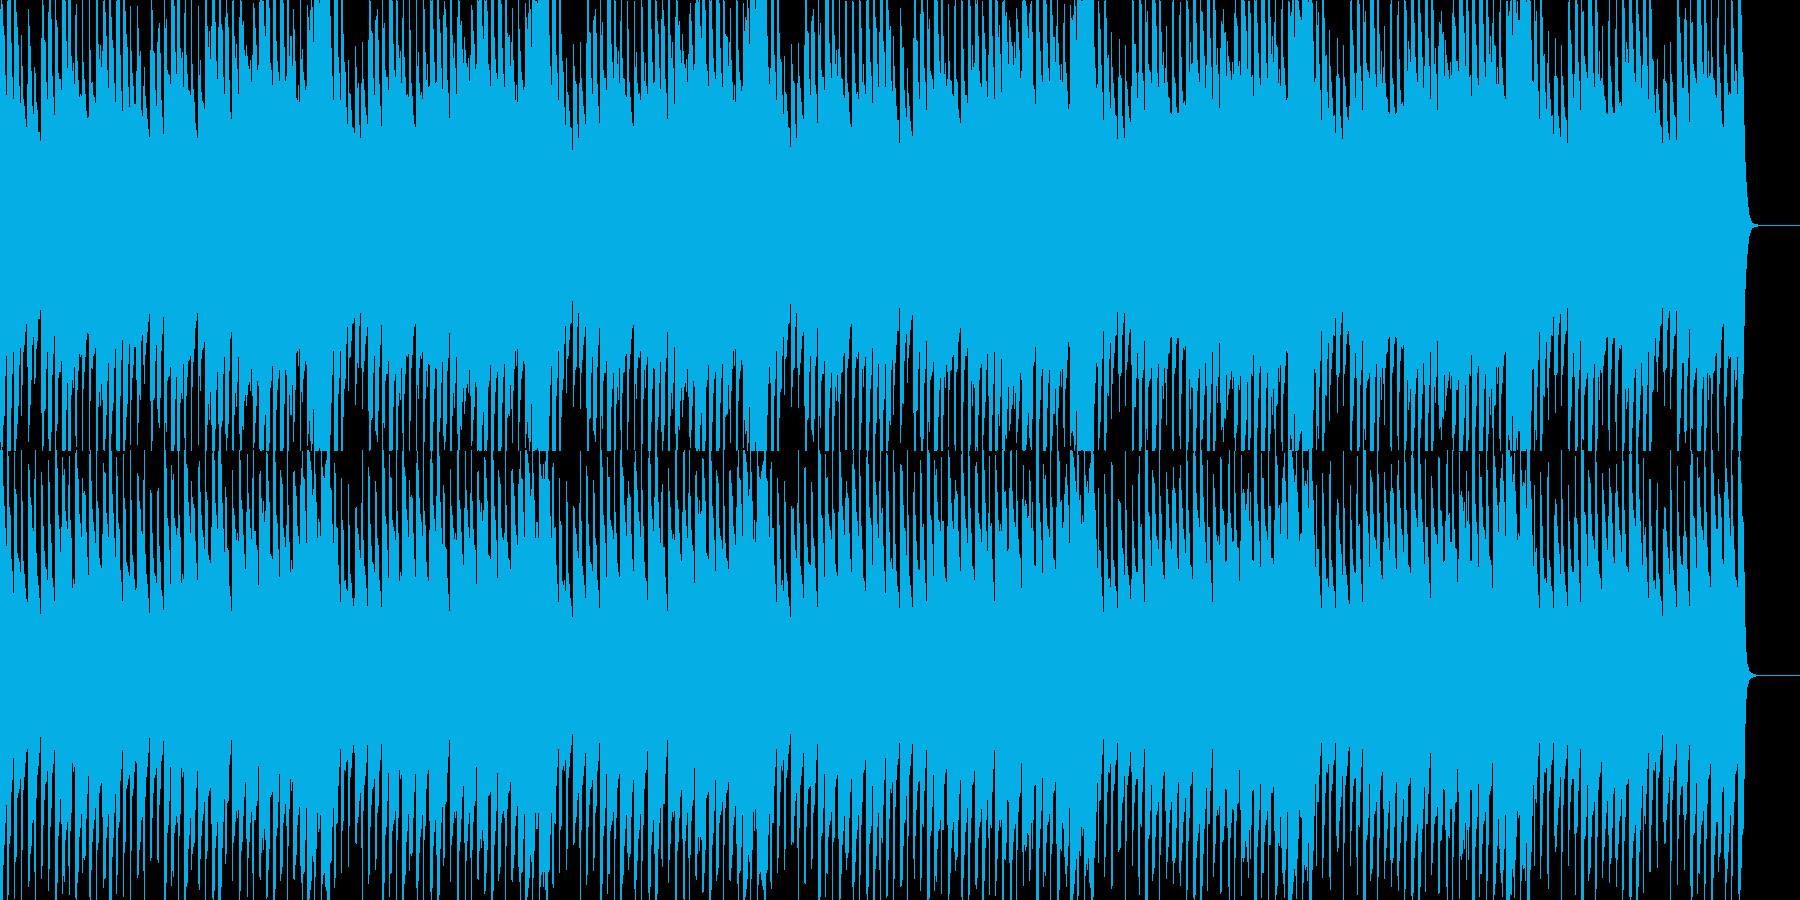 なぞ解き・ダンジョン・迷宮の雰囲気の再生済みの波形